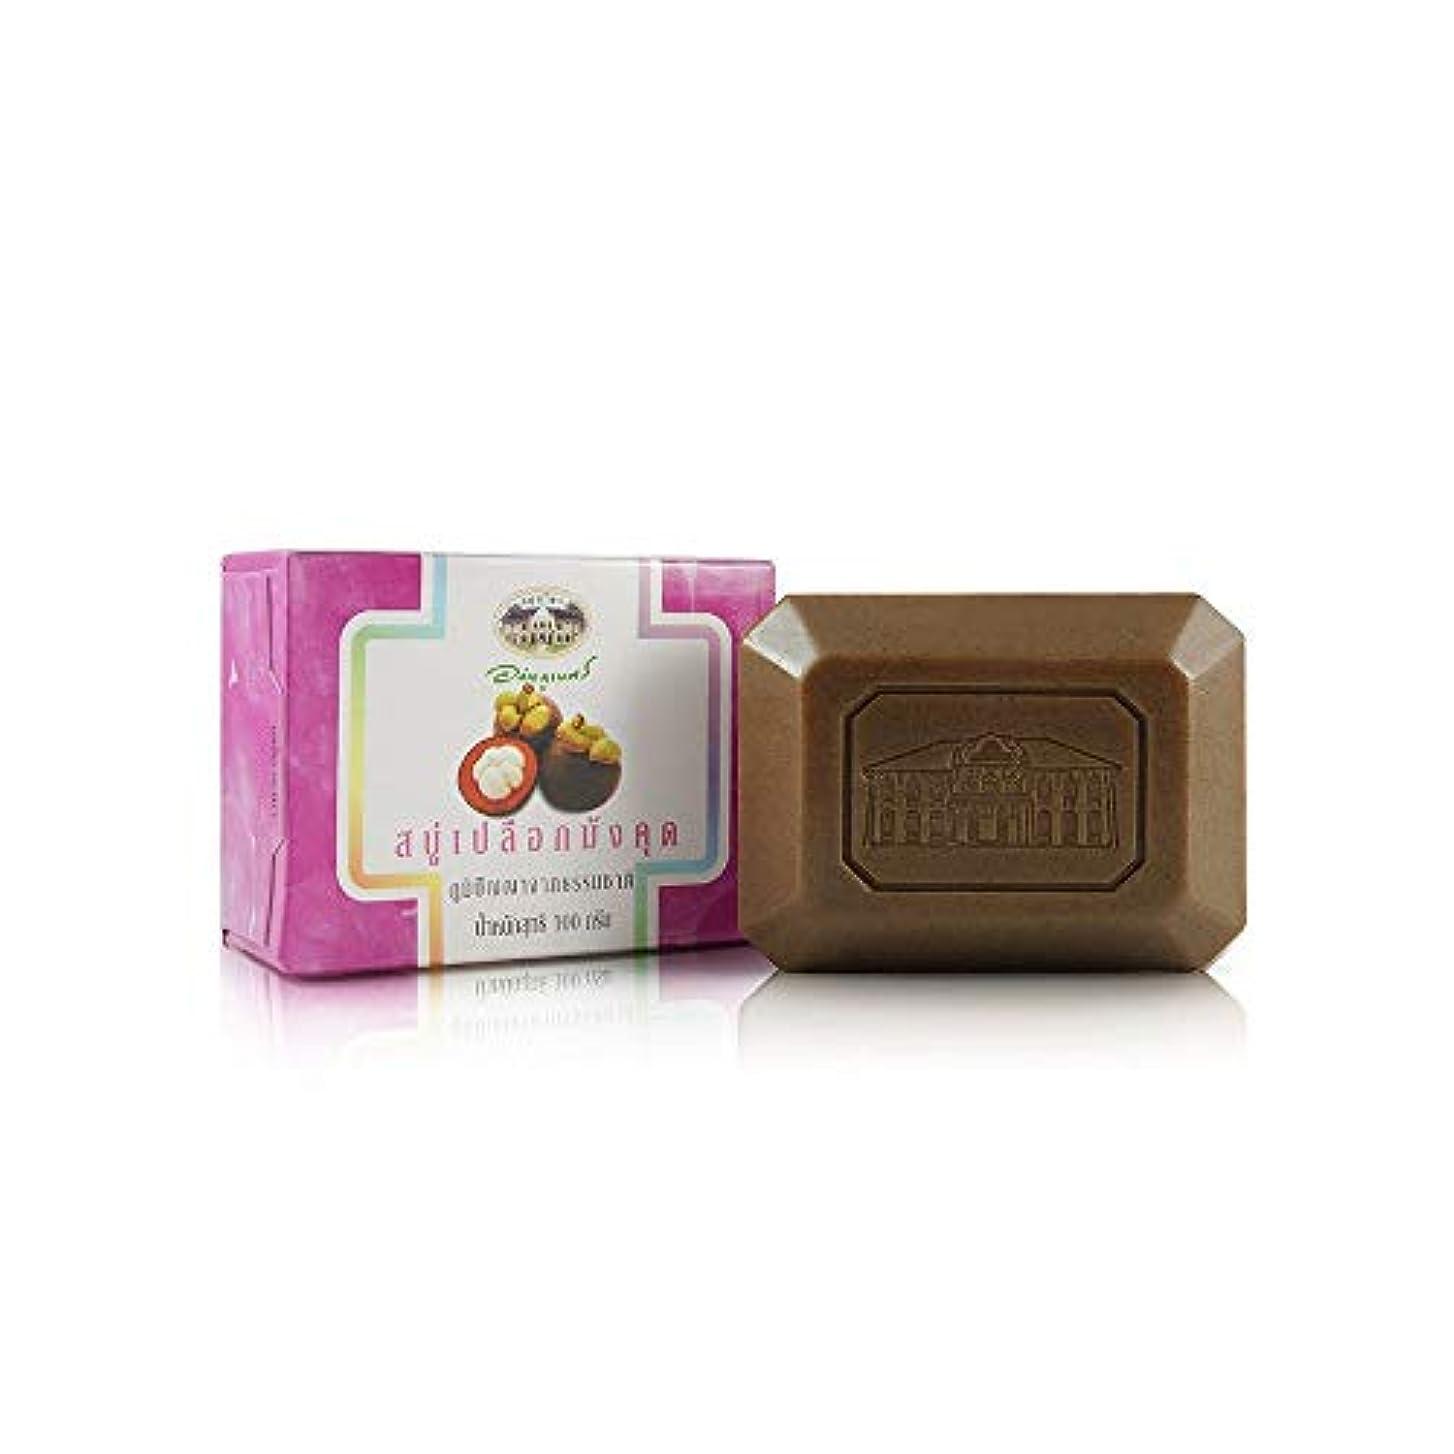 クラックポットうねる家禽Abhaibhubejhr Mangosteen Peel Skin Herbal Body Cleansing Soap 100g. Abhaibhubejhrマンゴスチンピールスキンハーブボディクレンジングソープ100...